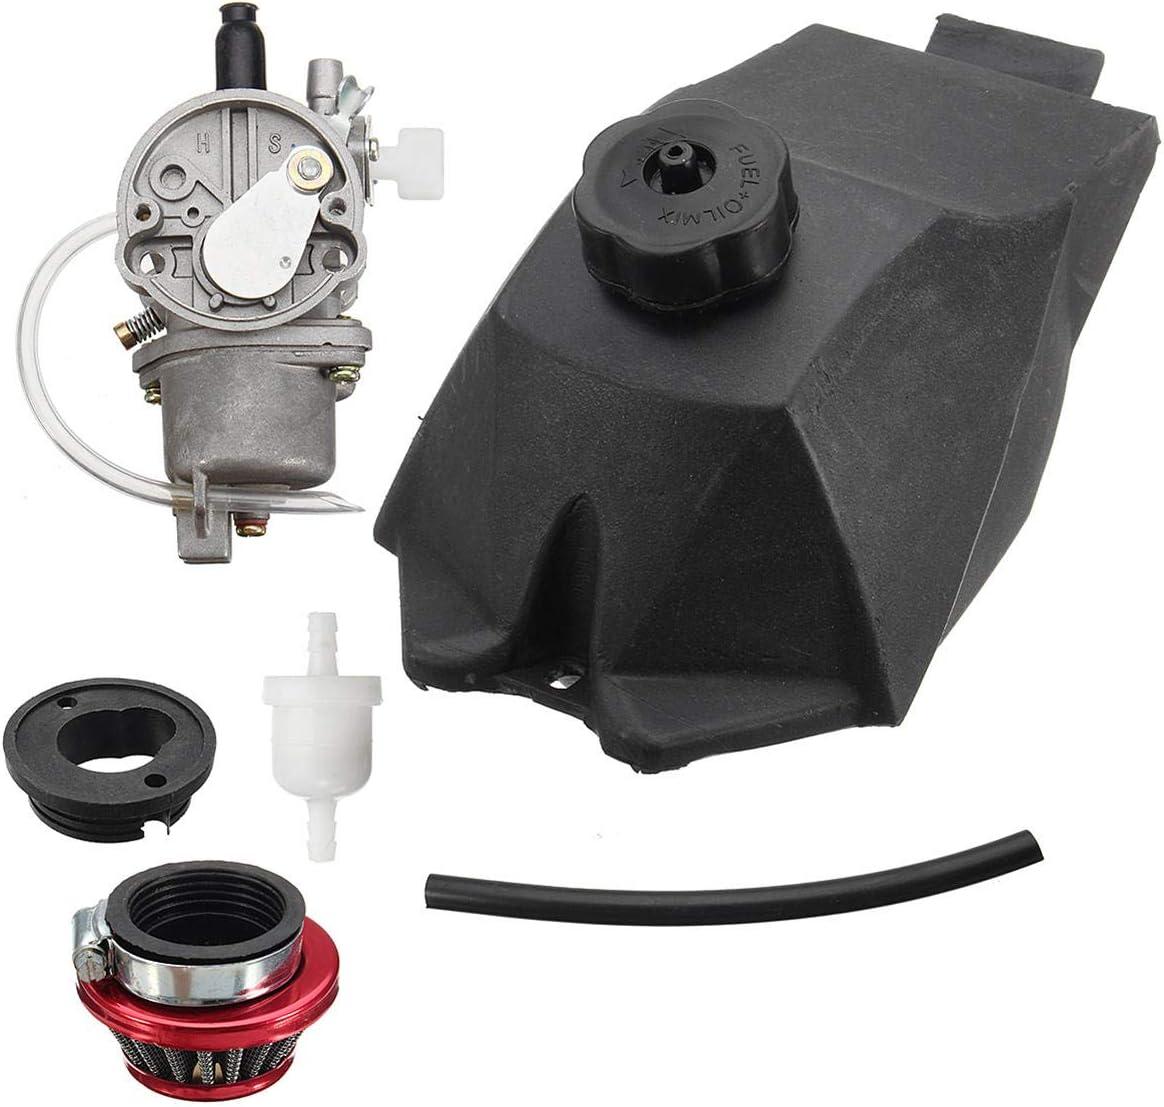 RENCALO Carburatore con Carburante Serbatoio Benzina Tubo Filtro Aria per 47cc 49cc Mini Moto ATV Quad Dirt Bike